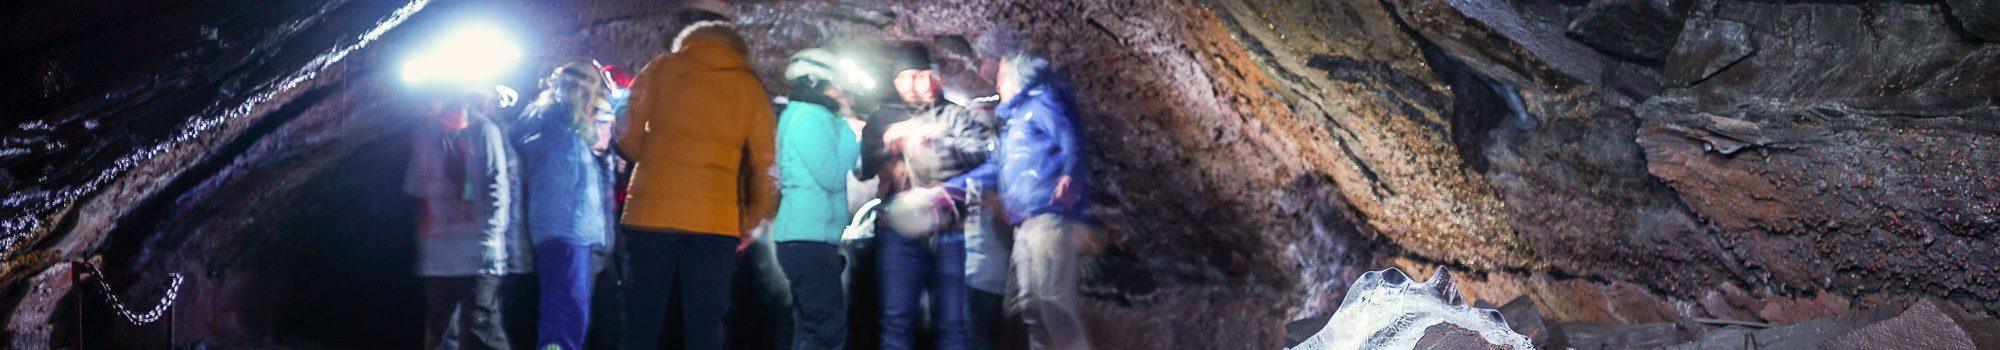 Vidgelmir lava Tube Cave